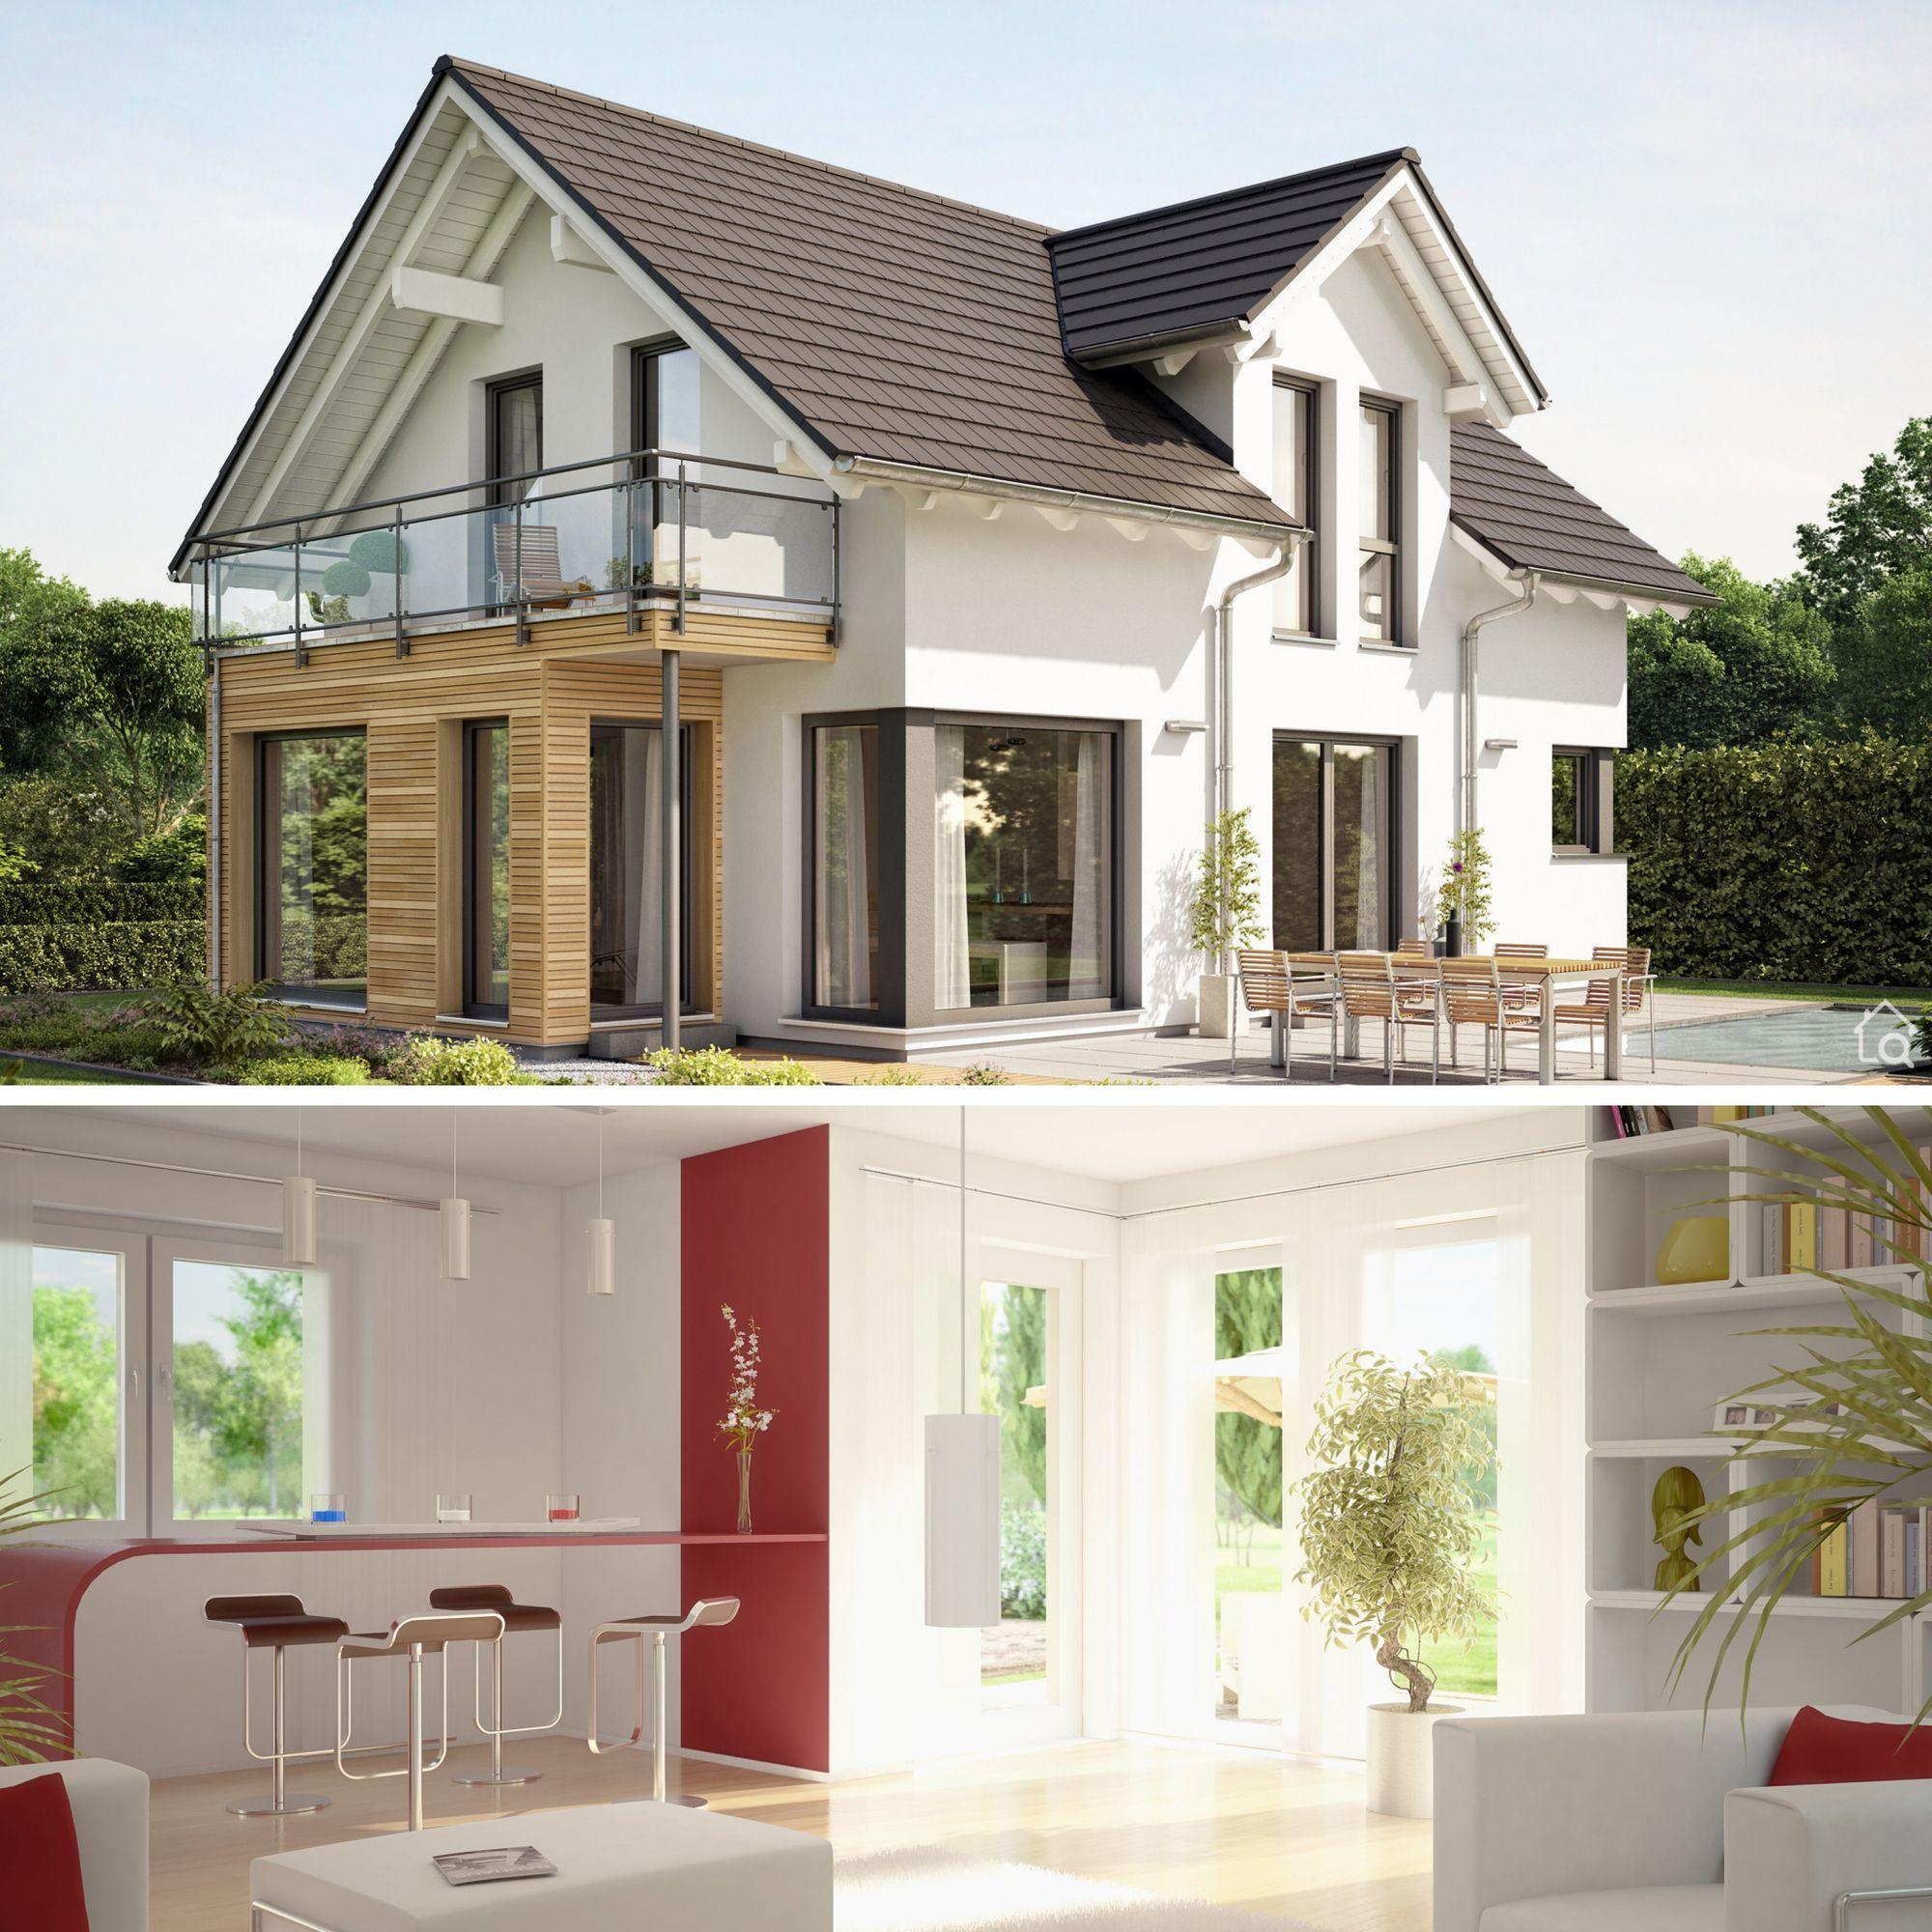 Modernes Haus Design mit Satteldach & Zwerchgiebel bauen